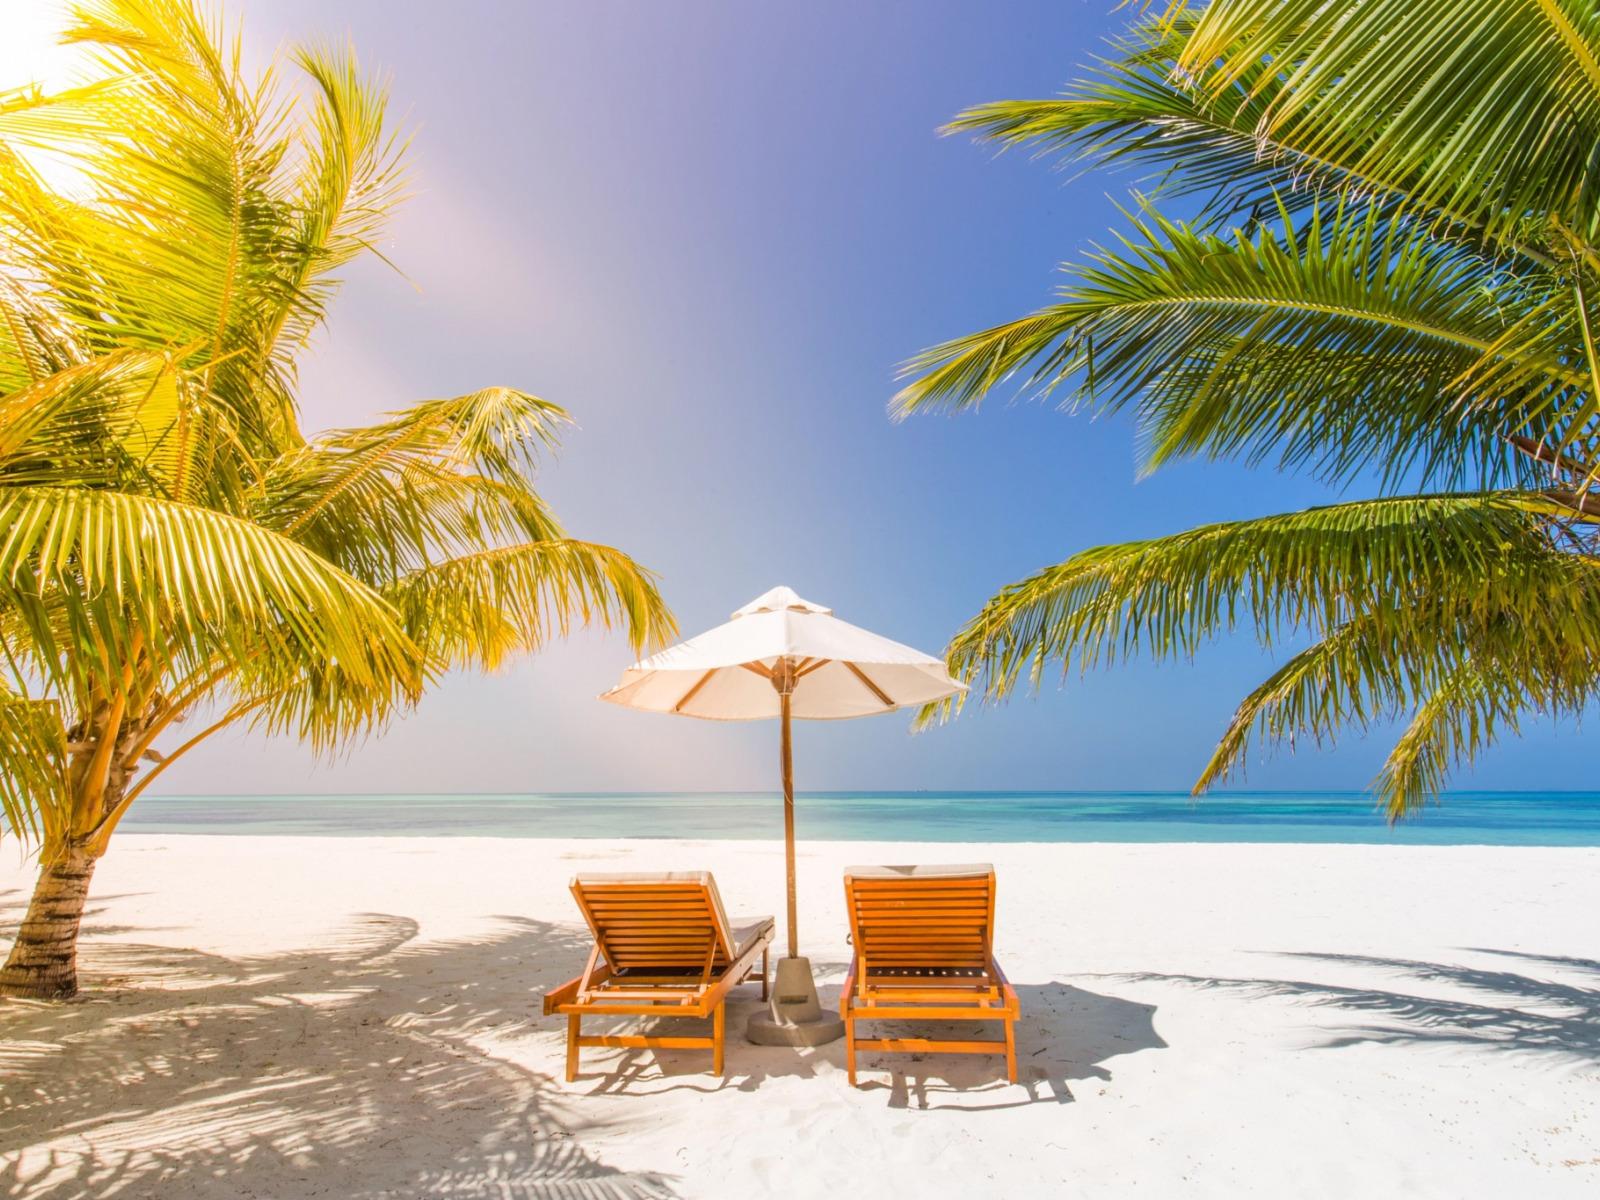 вариант для картинки отдых на море у пальмы любимая многими